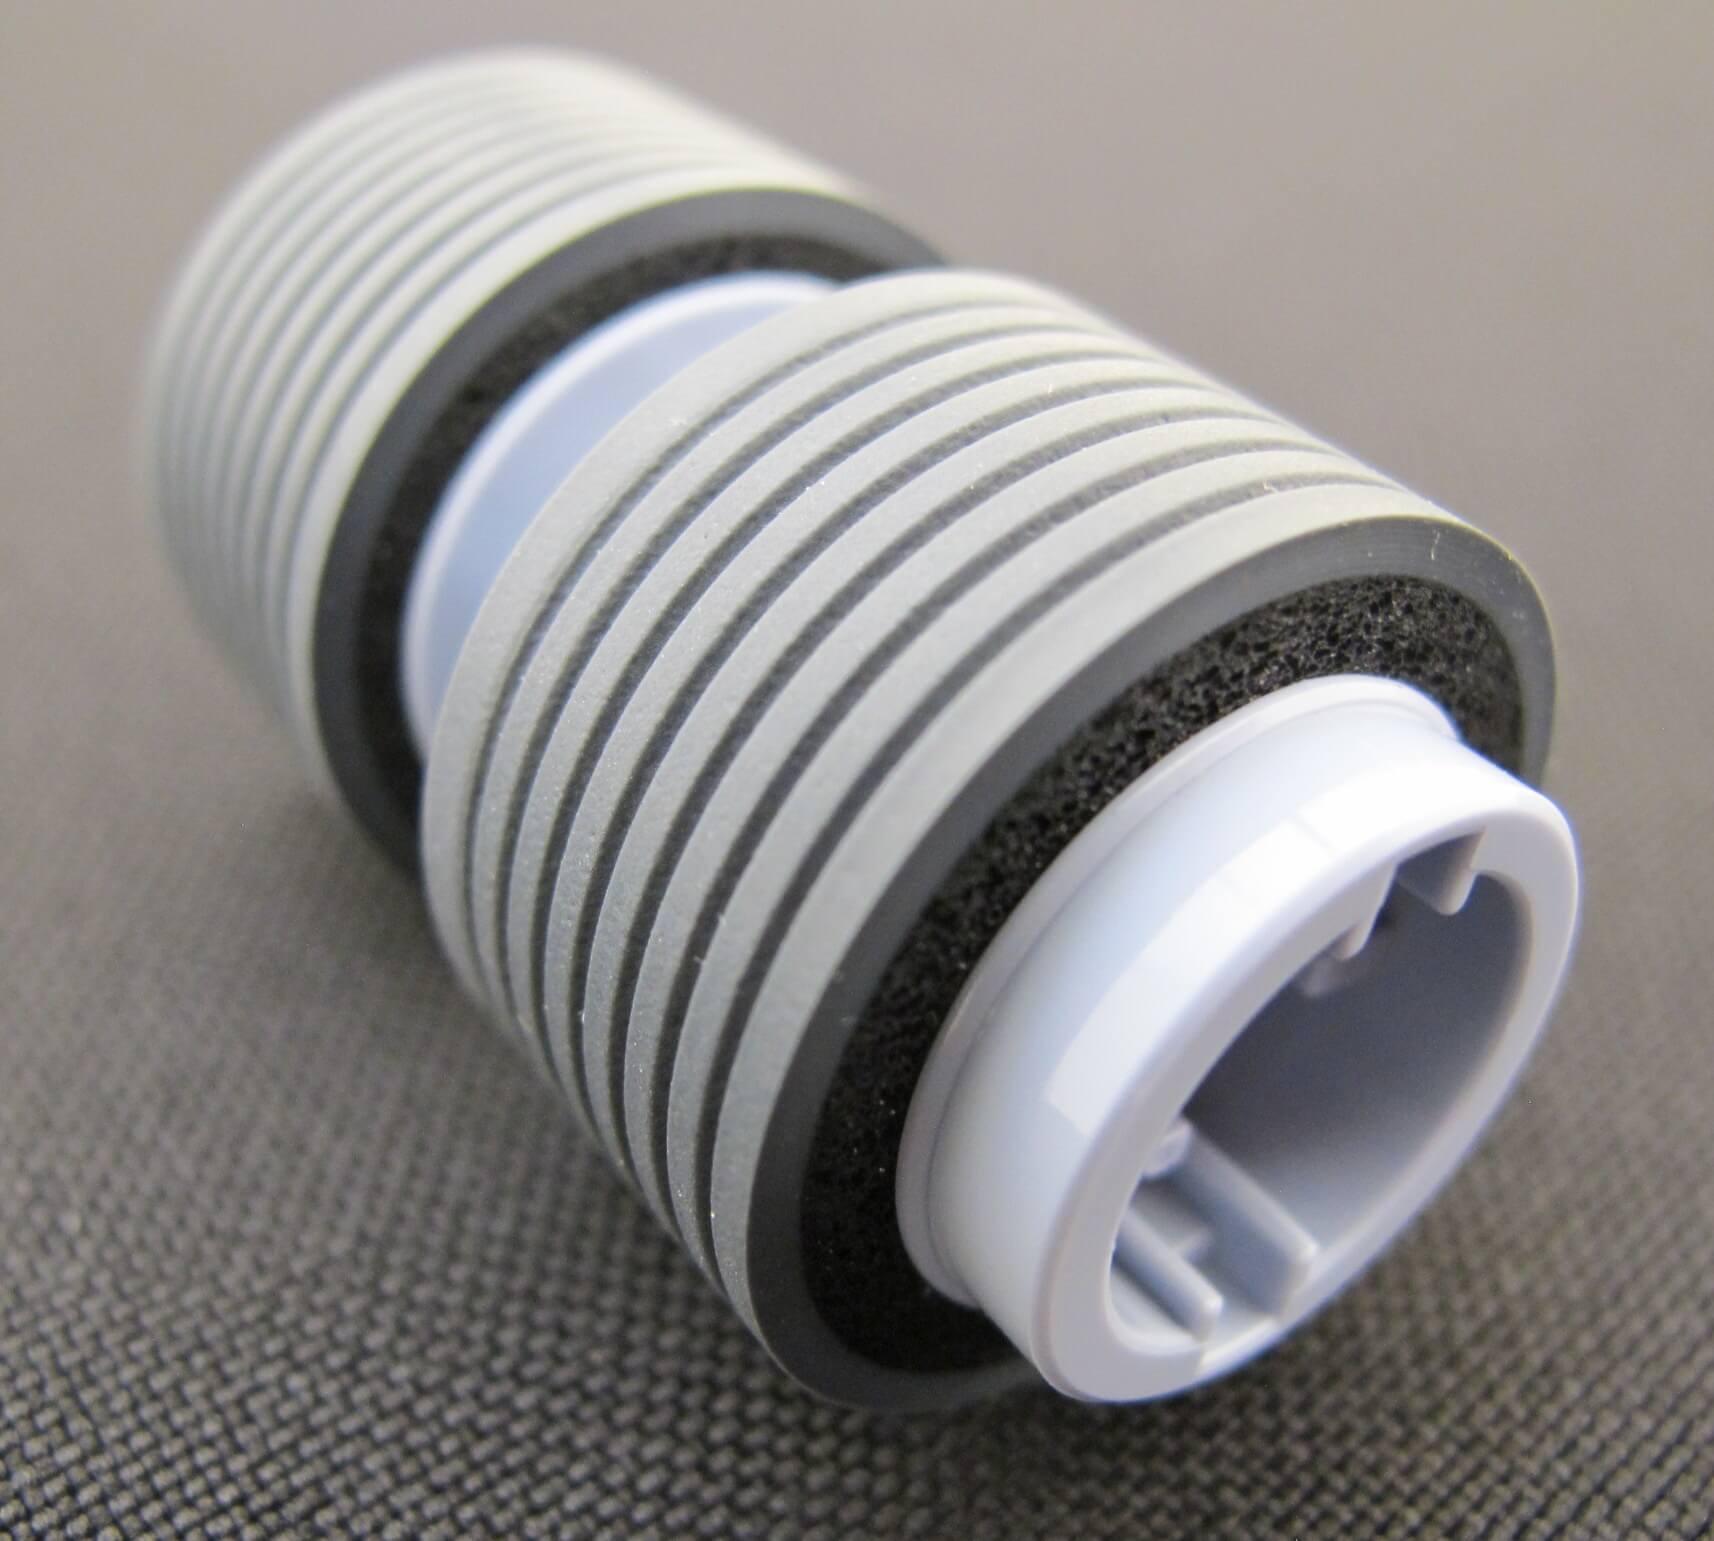 Foto close perfil Brake Roller PA03740-K010 para Scanners Fujitsu fi-7600 fi-7700 e fi-7700S